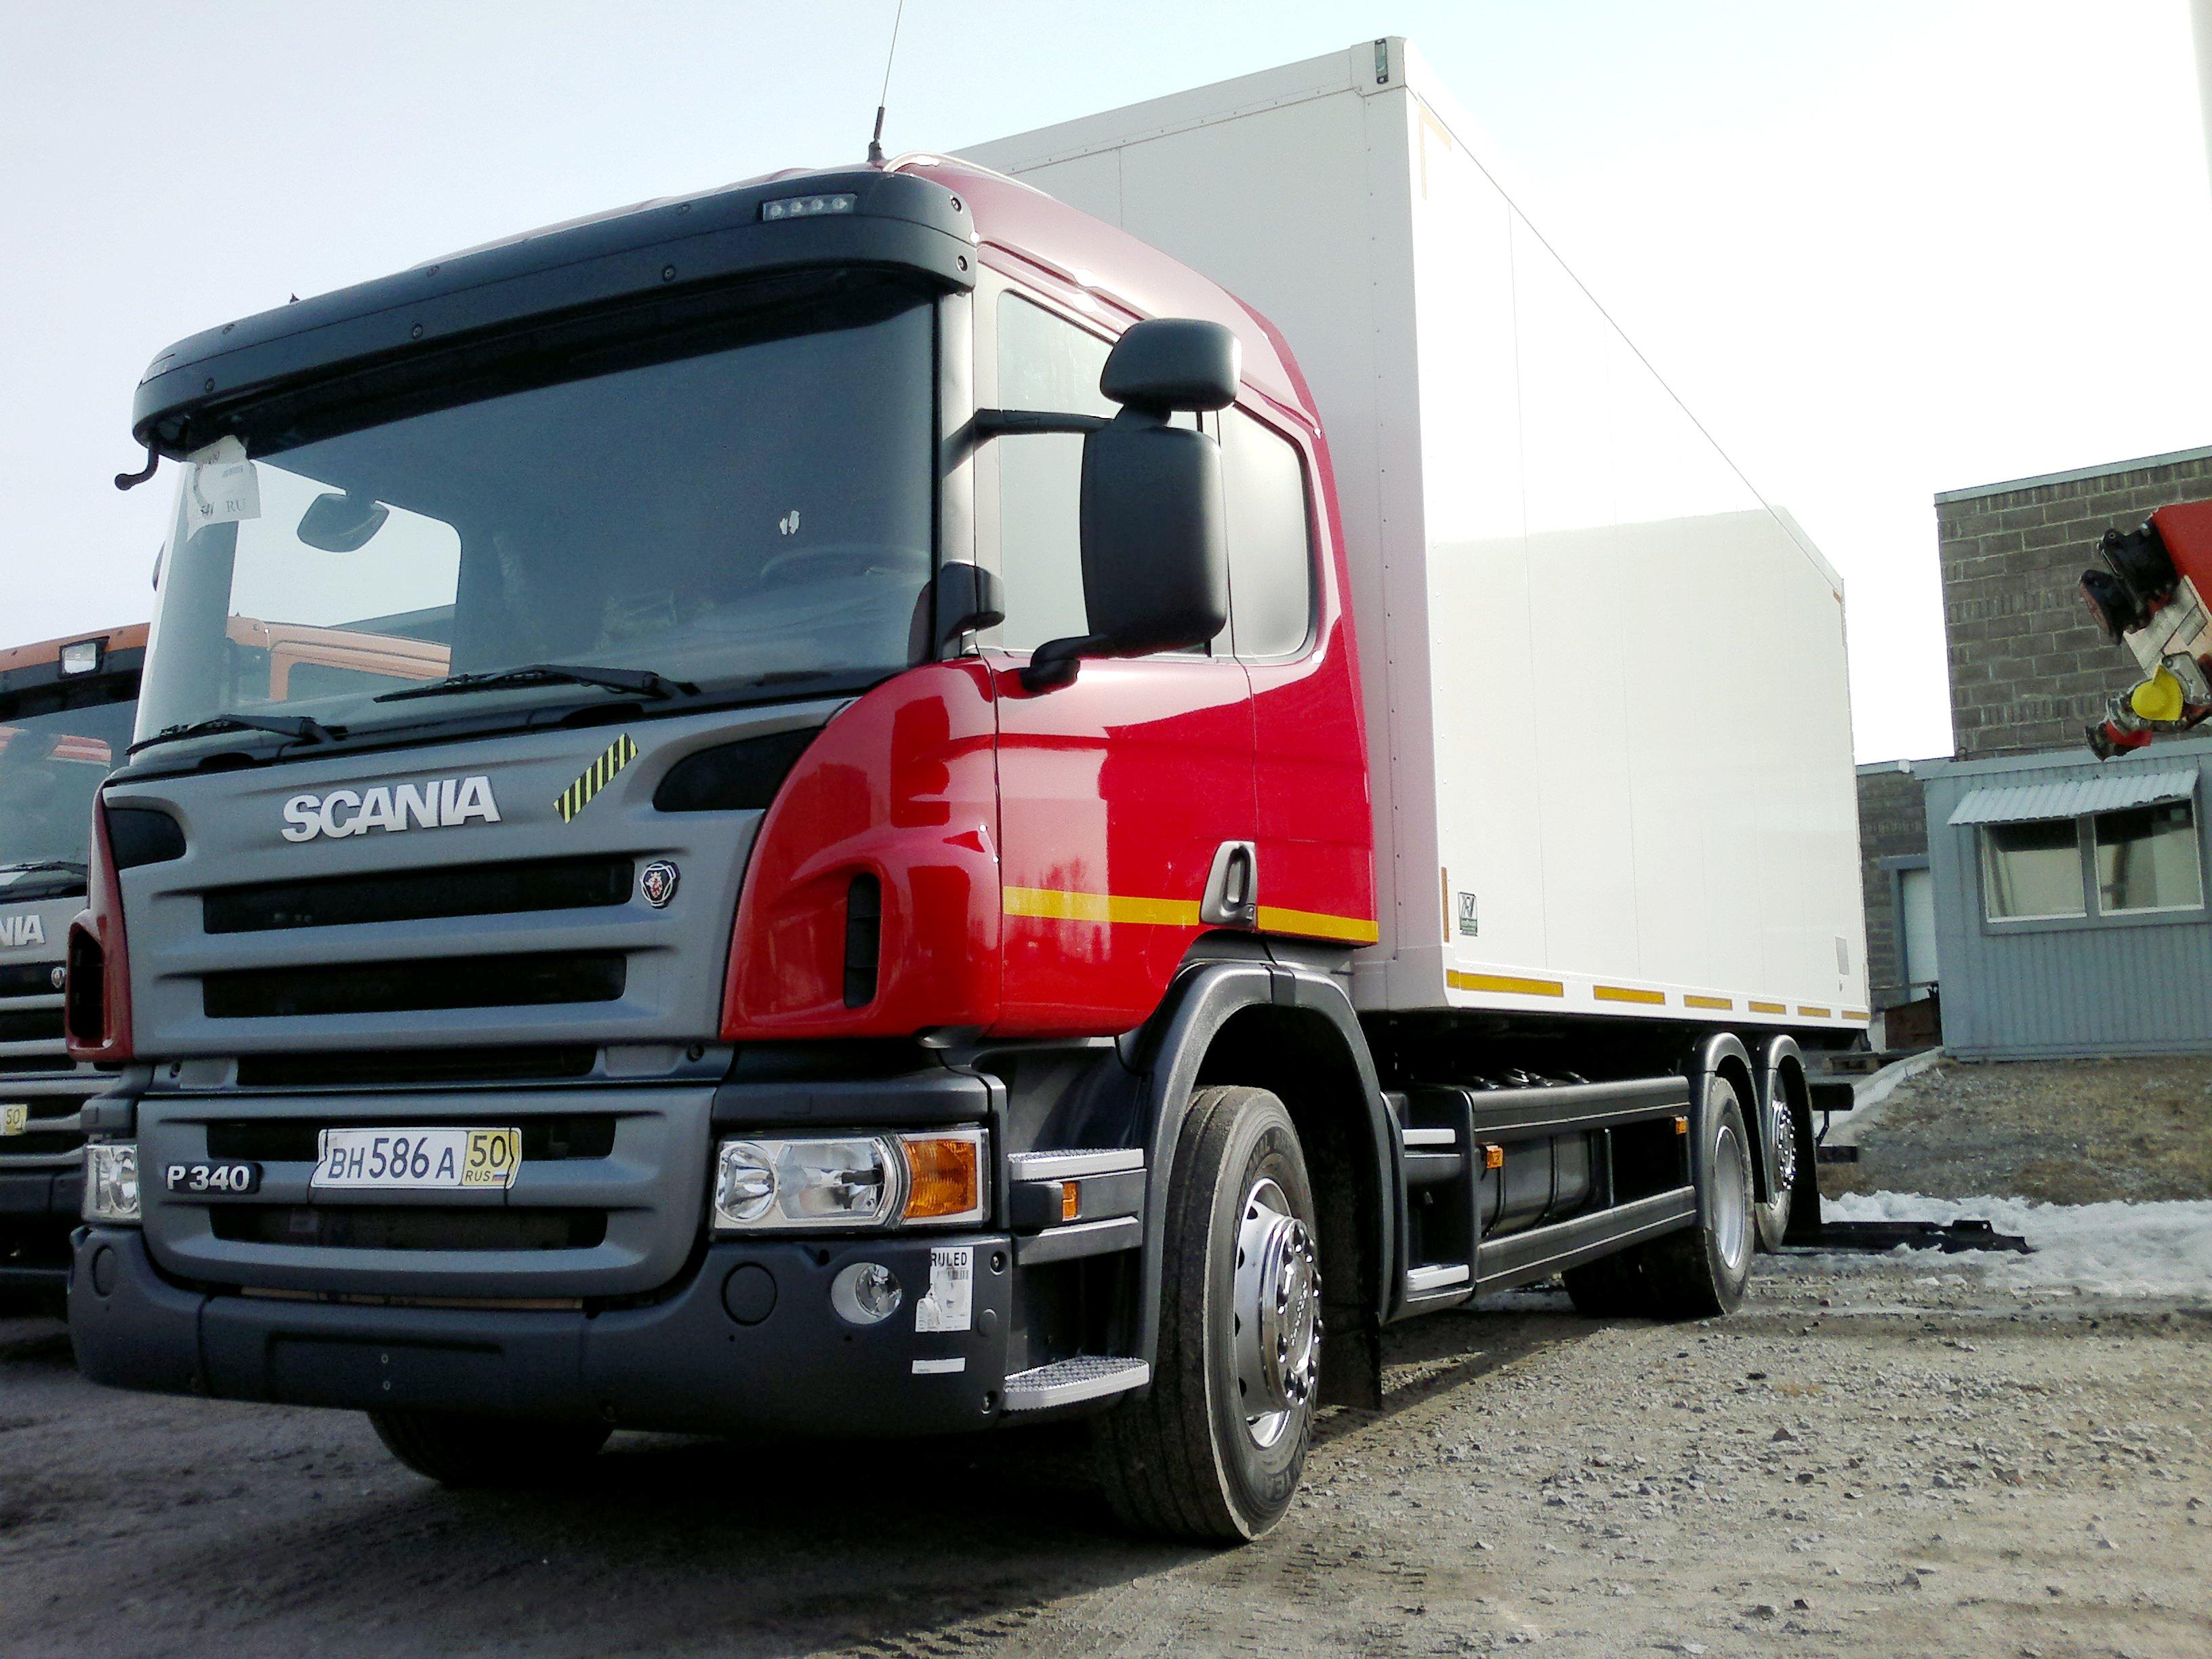 продажа грузовиков в Хабаровске - изотермический фургон Скания фура купить